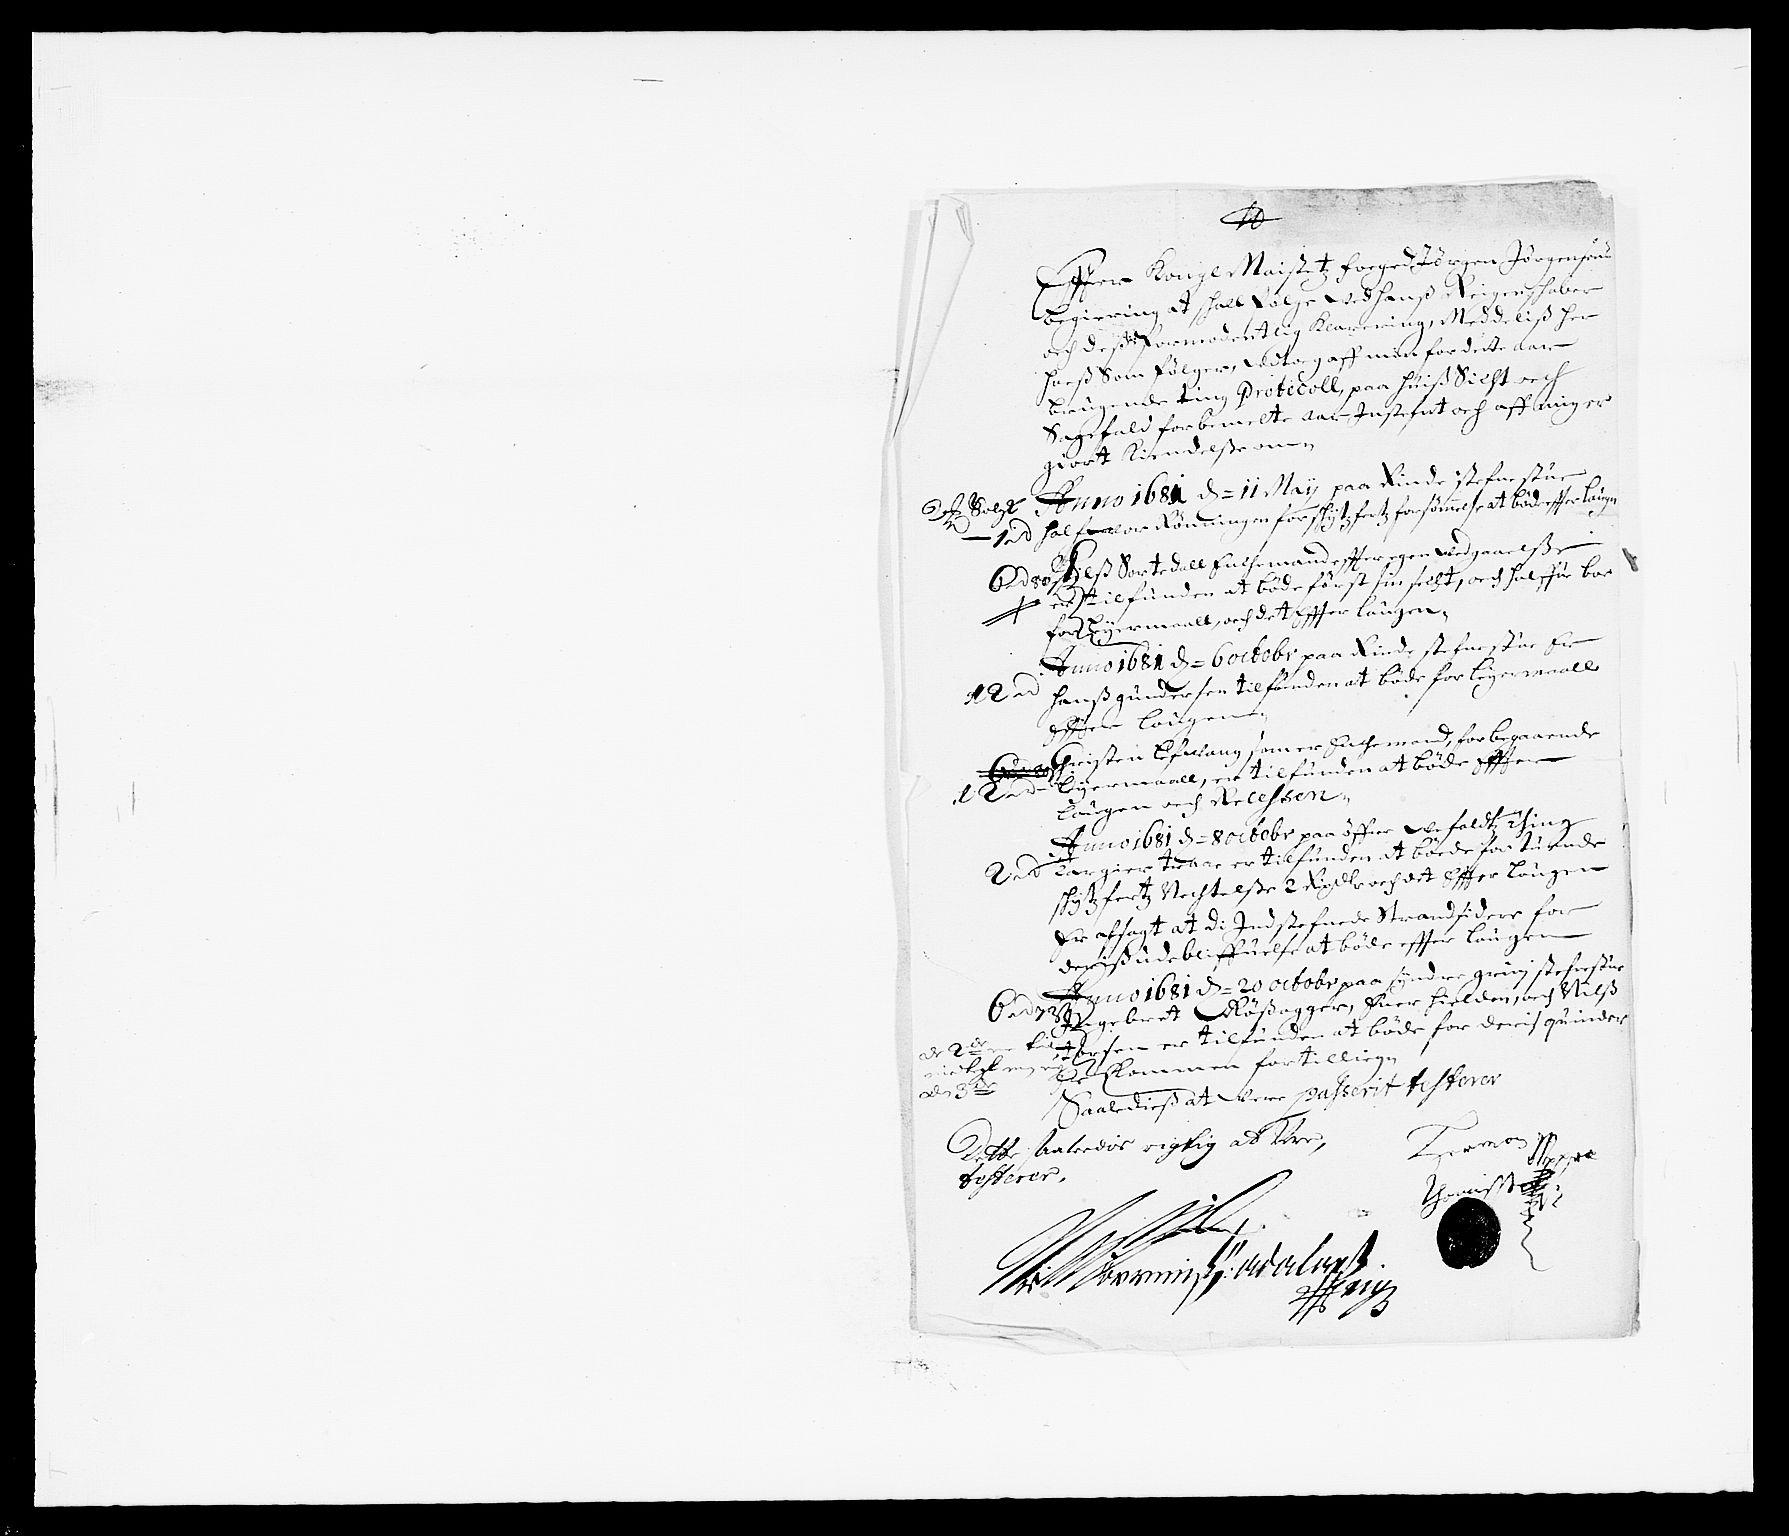 RA, Rentekammeret inntil 1814, Reviderte regnskaper, Fogderegnskap, R34/L2045: Fogderegnskap Bamble, 1680-1681, s. 229